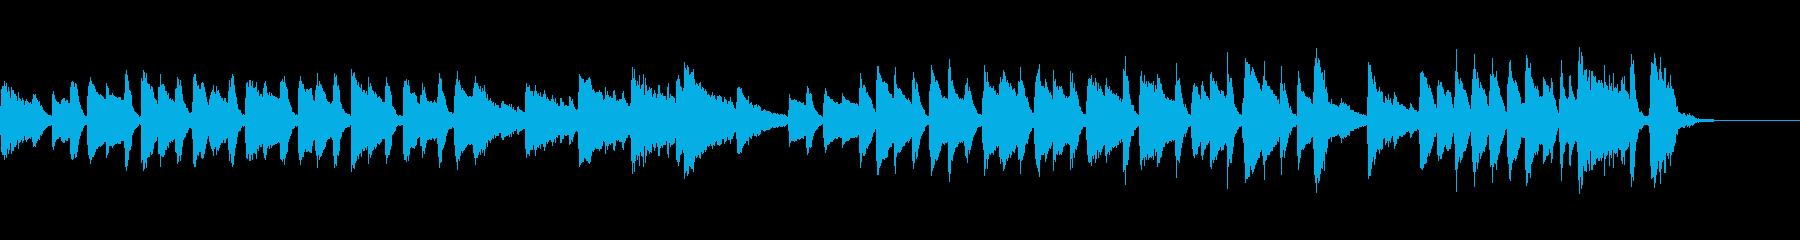 あっけない幕切れのピアノワルツ/生演奏の再生済みの波形